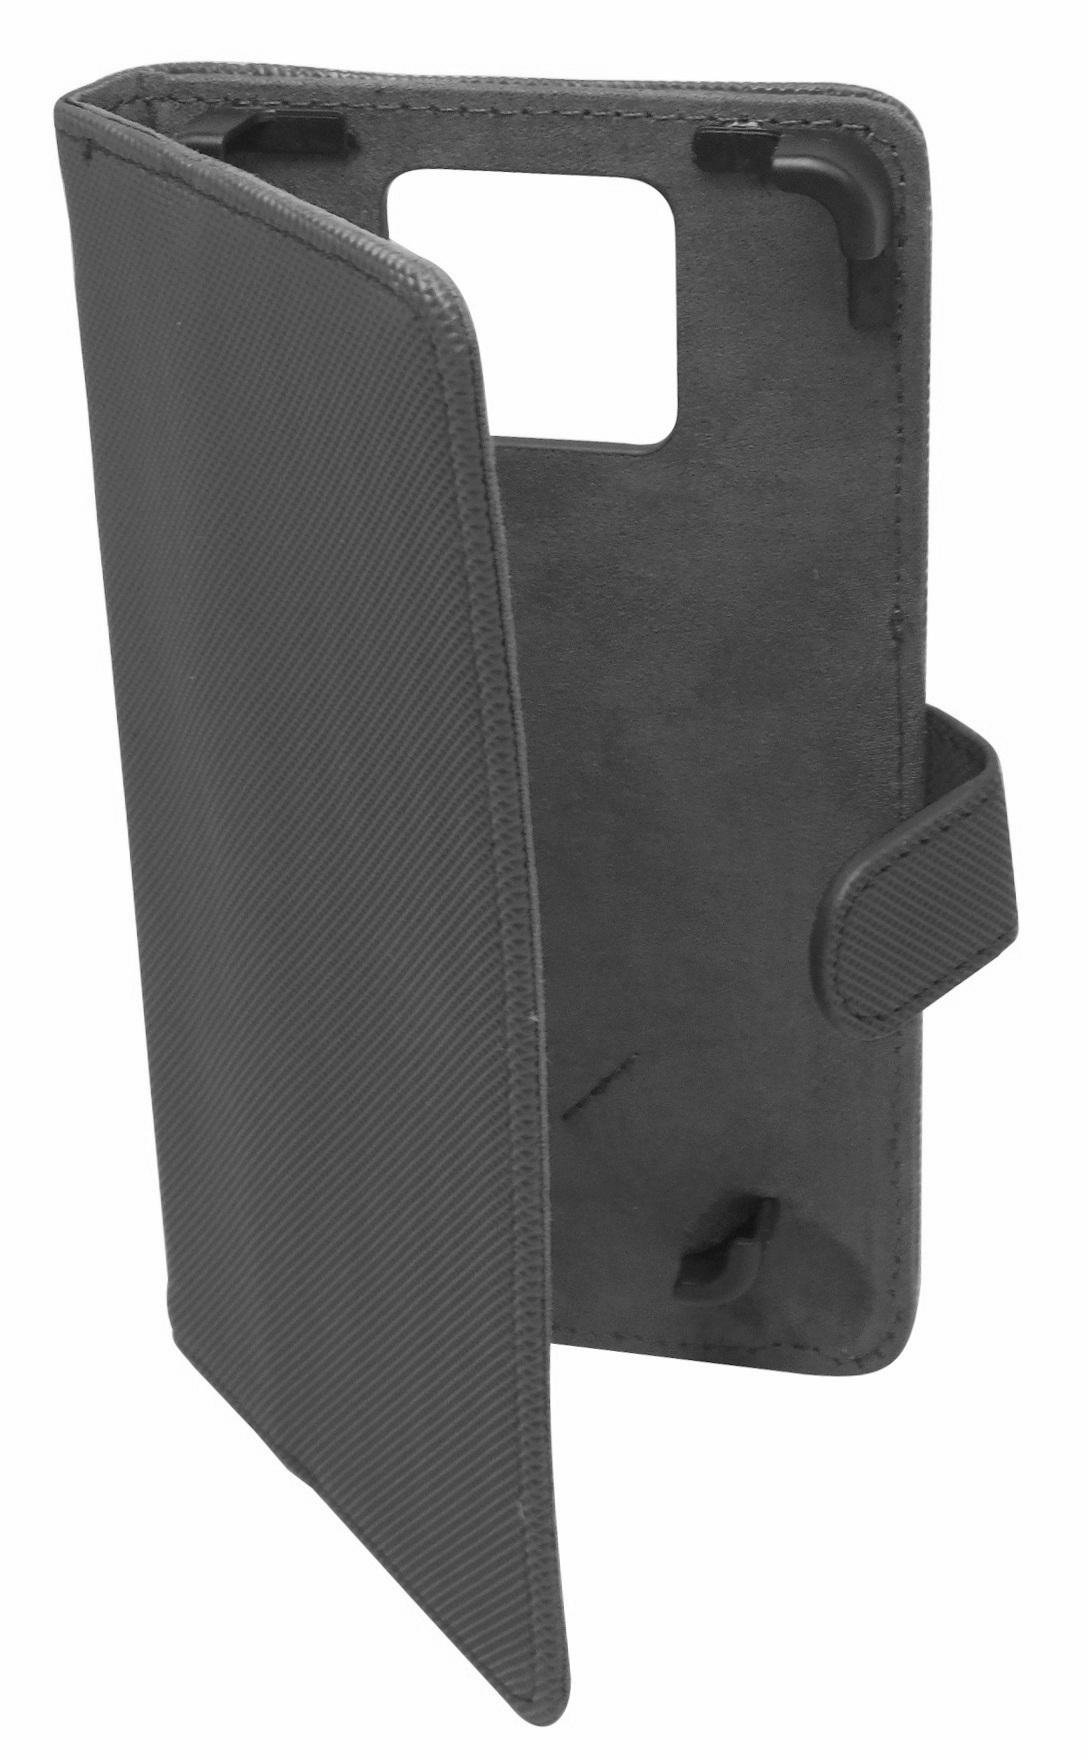 Husa universala GreenGo Smart neagra (reglabila) cu stand pentru telefoane cu diagonala de 5,2 - 5,5 inch